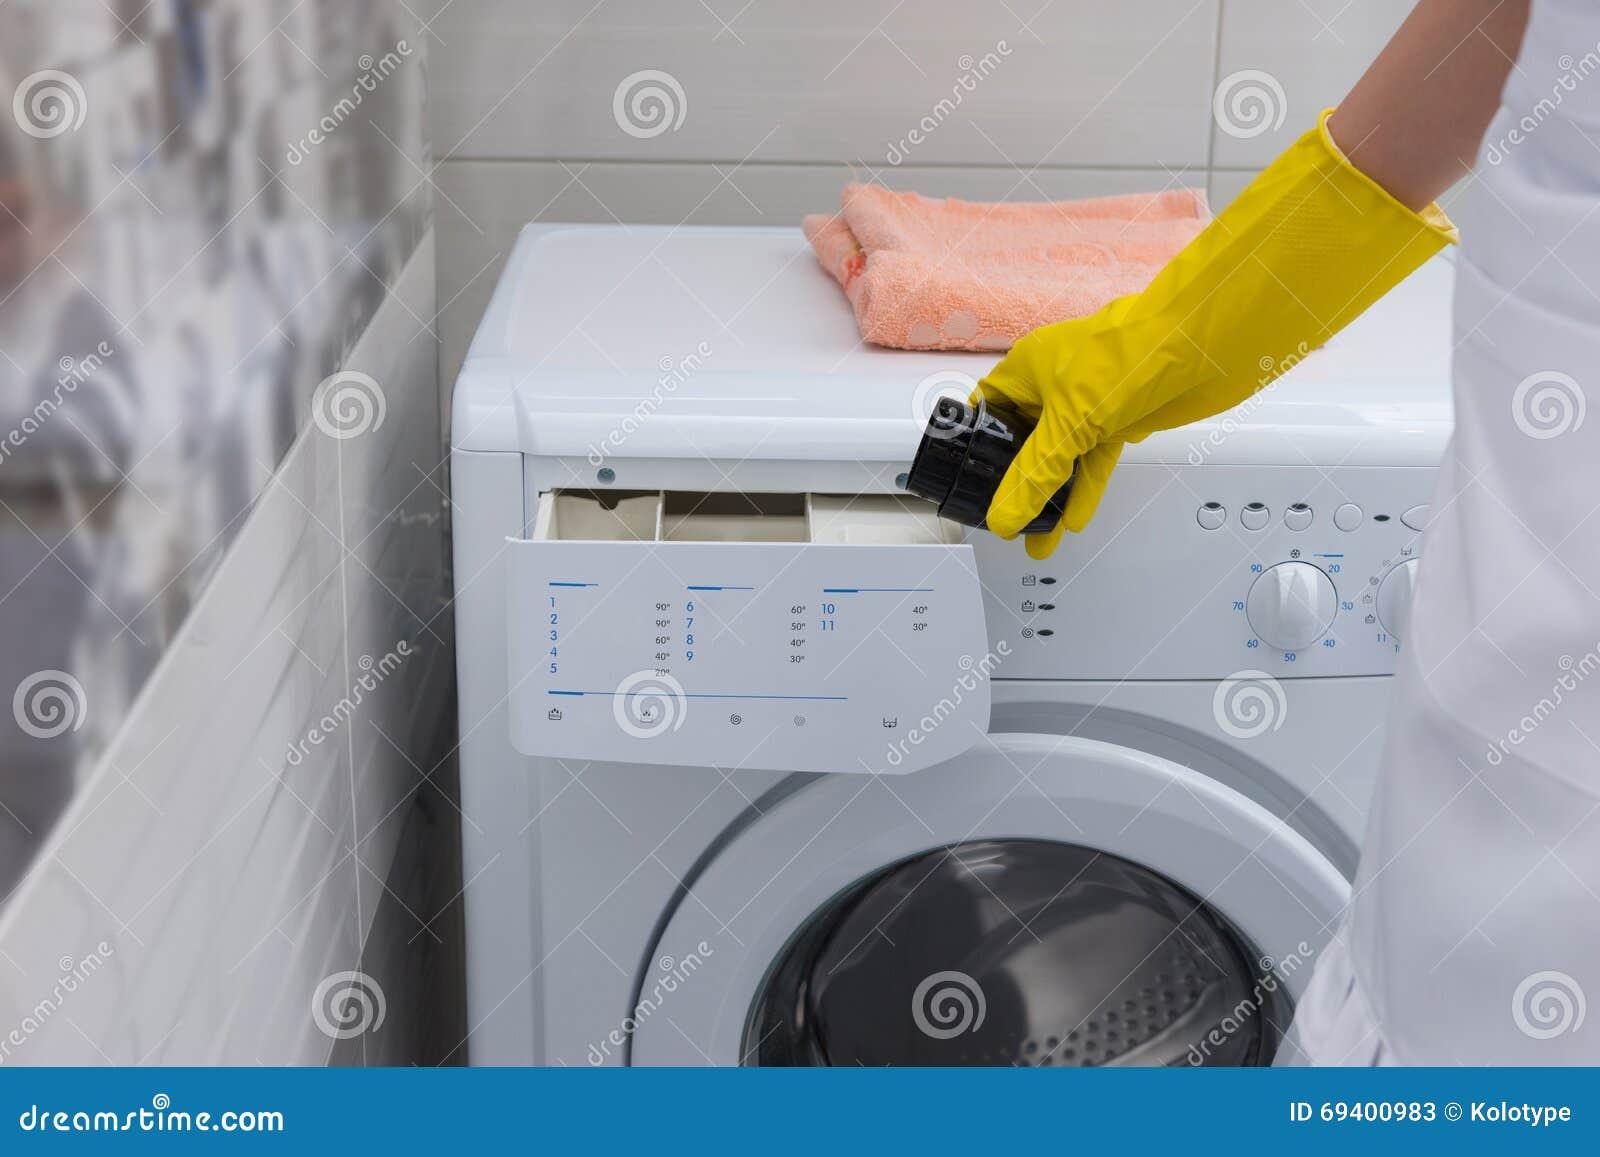 femme au foyer mettant l 39 adoucissant dans une machine laver photo stock image 69400983. Black Bedroom Furniture Sets. Home Design Ideas